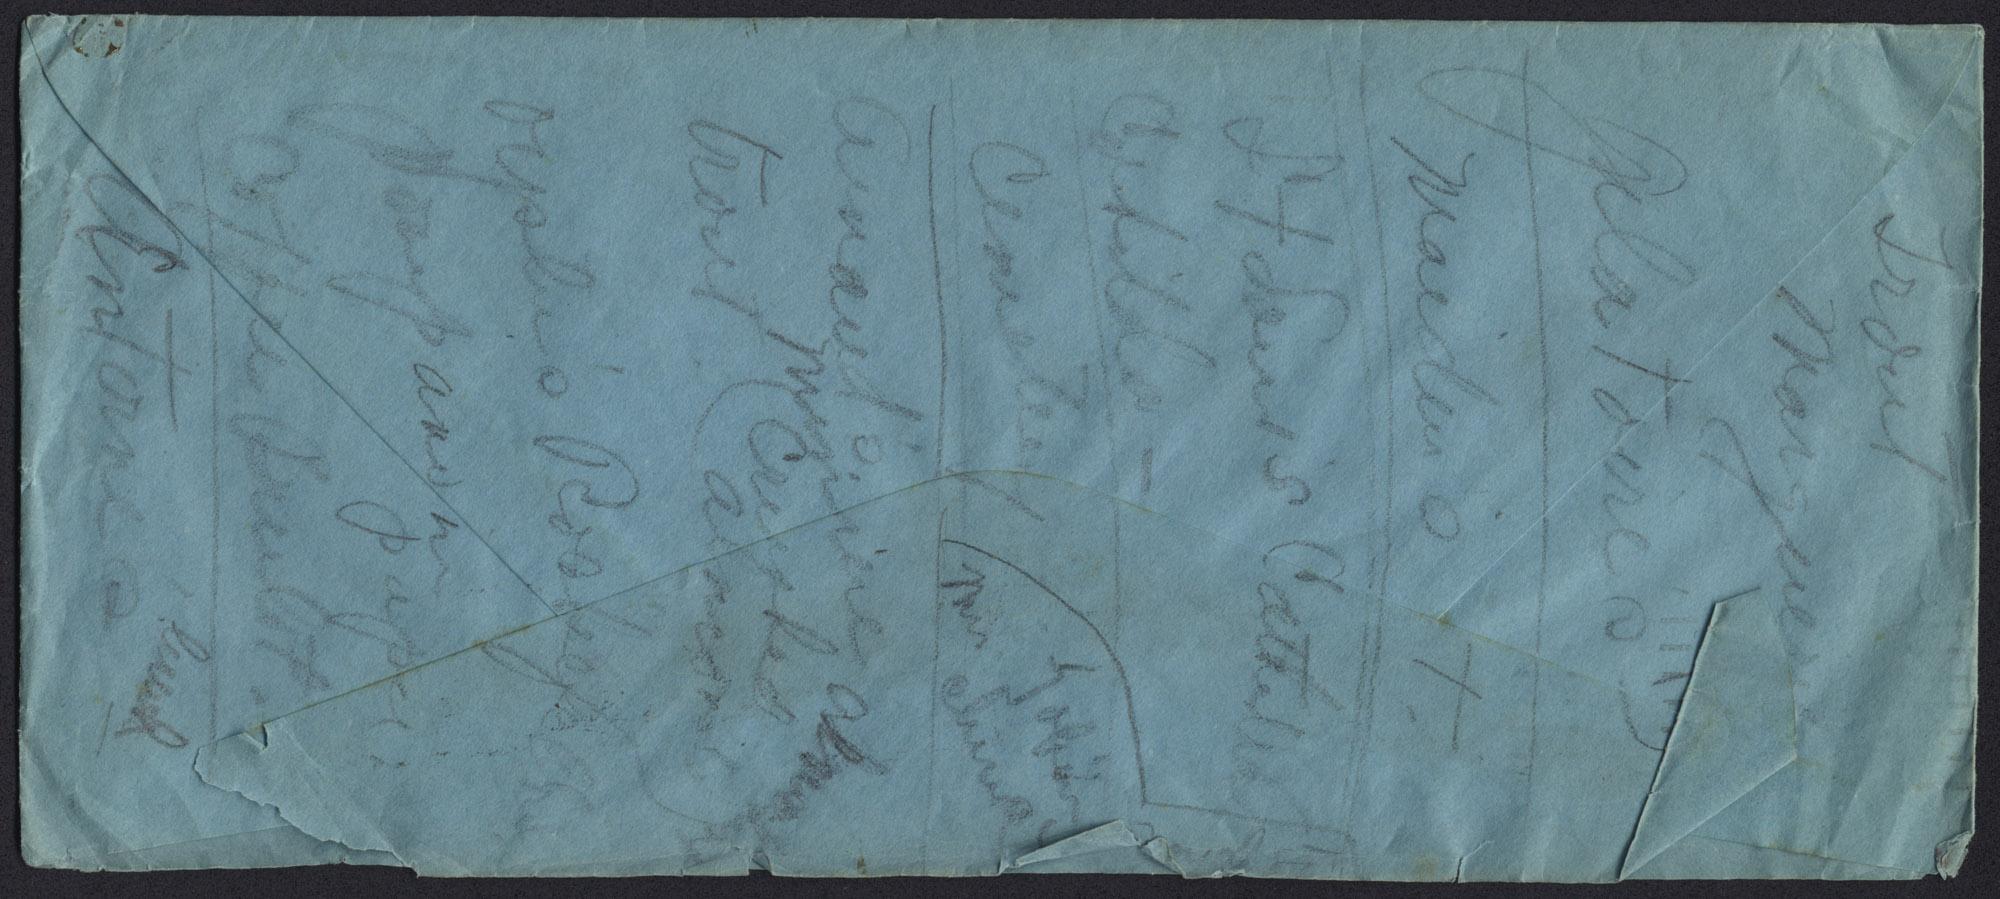 Envelope from Warren Hubert's Letter, Back